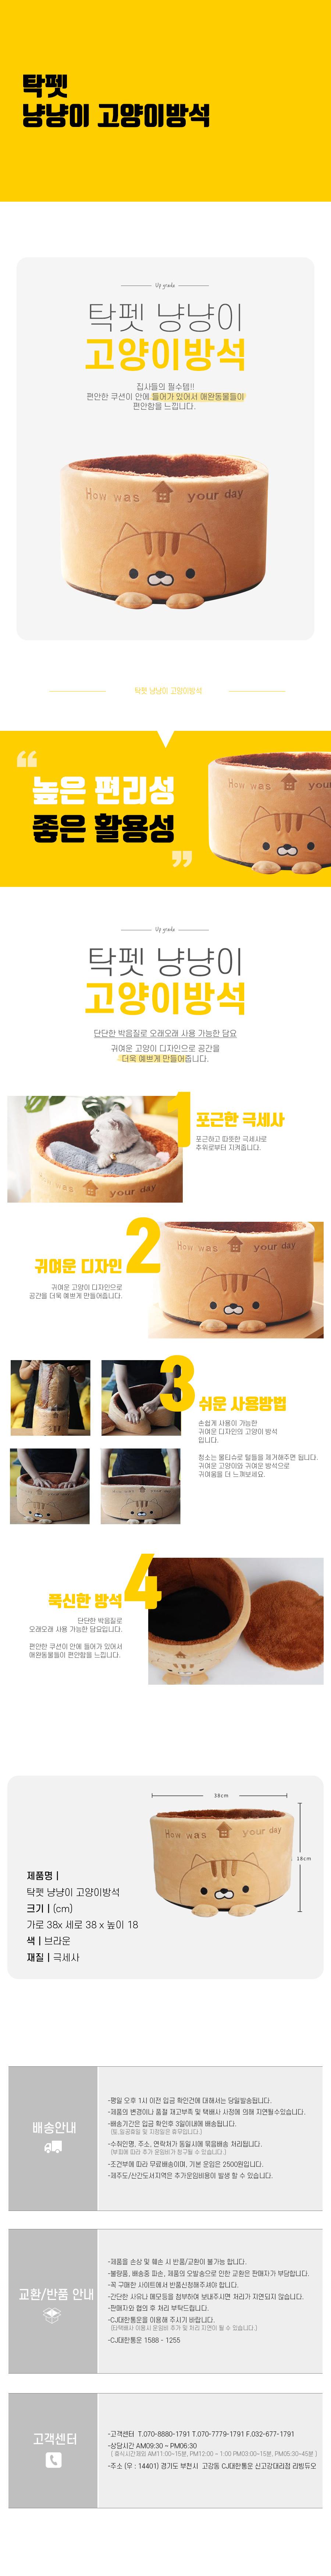 탁펫 냥냥이 고양이 방석 - 리빙듀오, 14,900원, 하우스/캣타워, 하우스